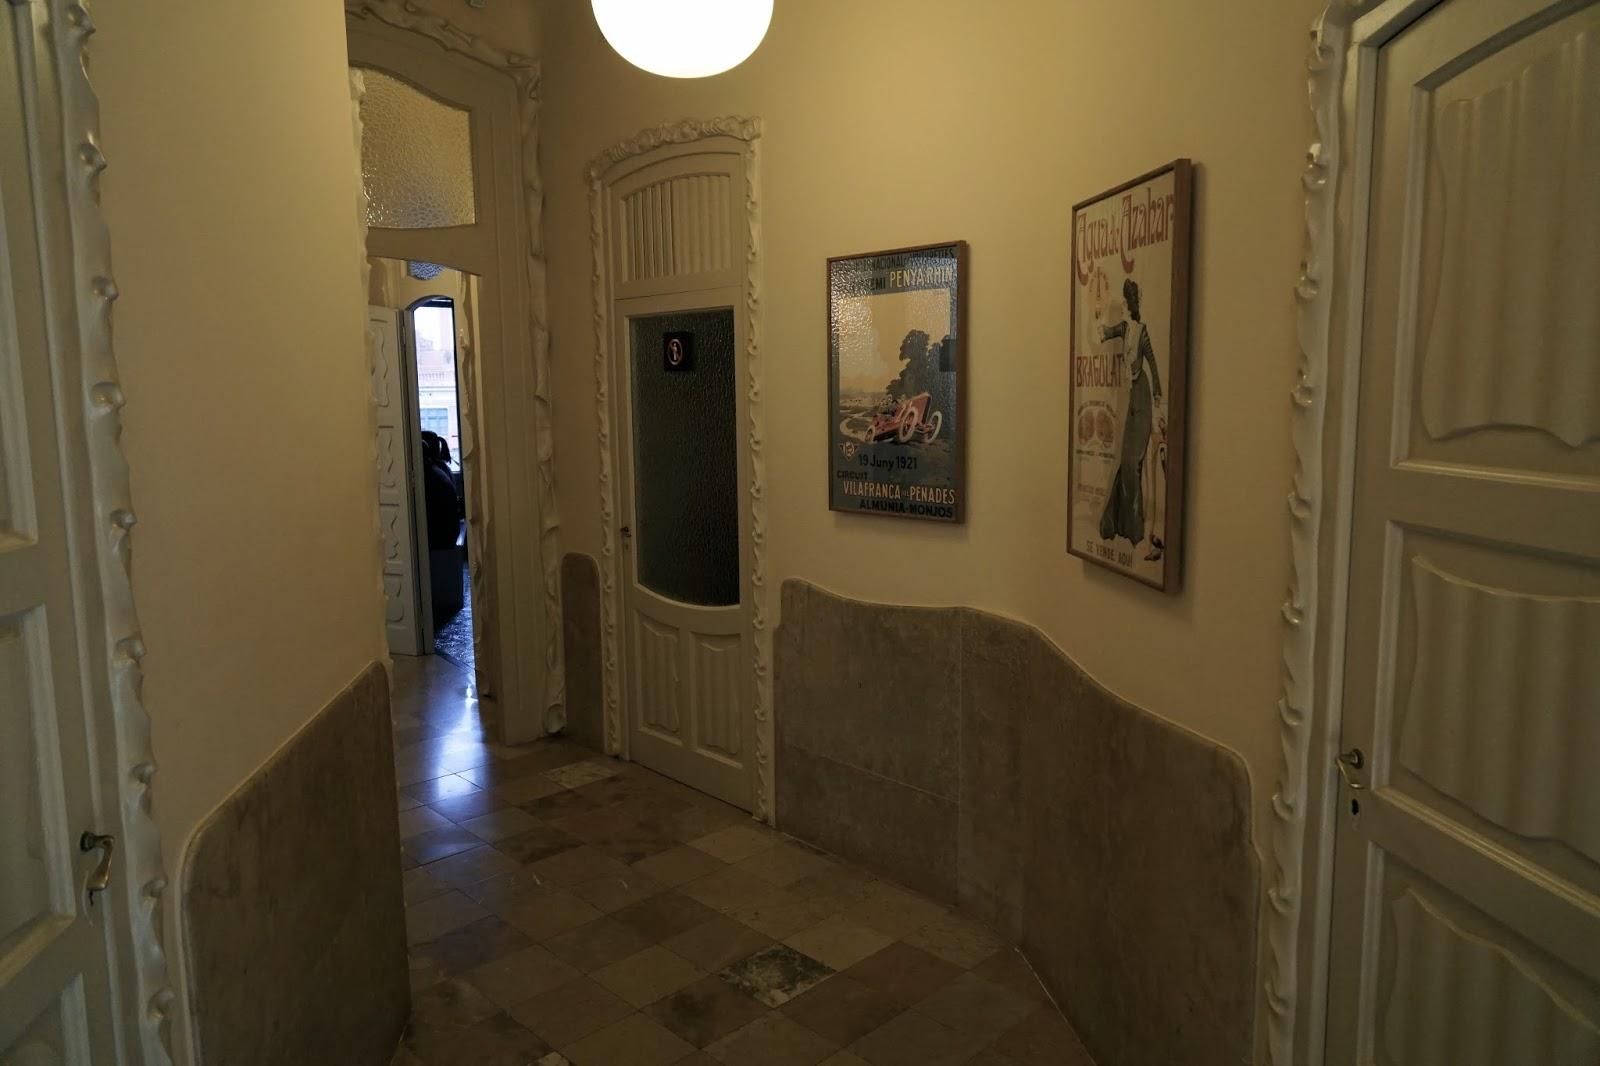 カサ・ミラ(Casa Milà)の住居部分